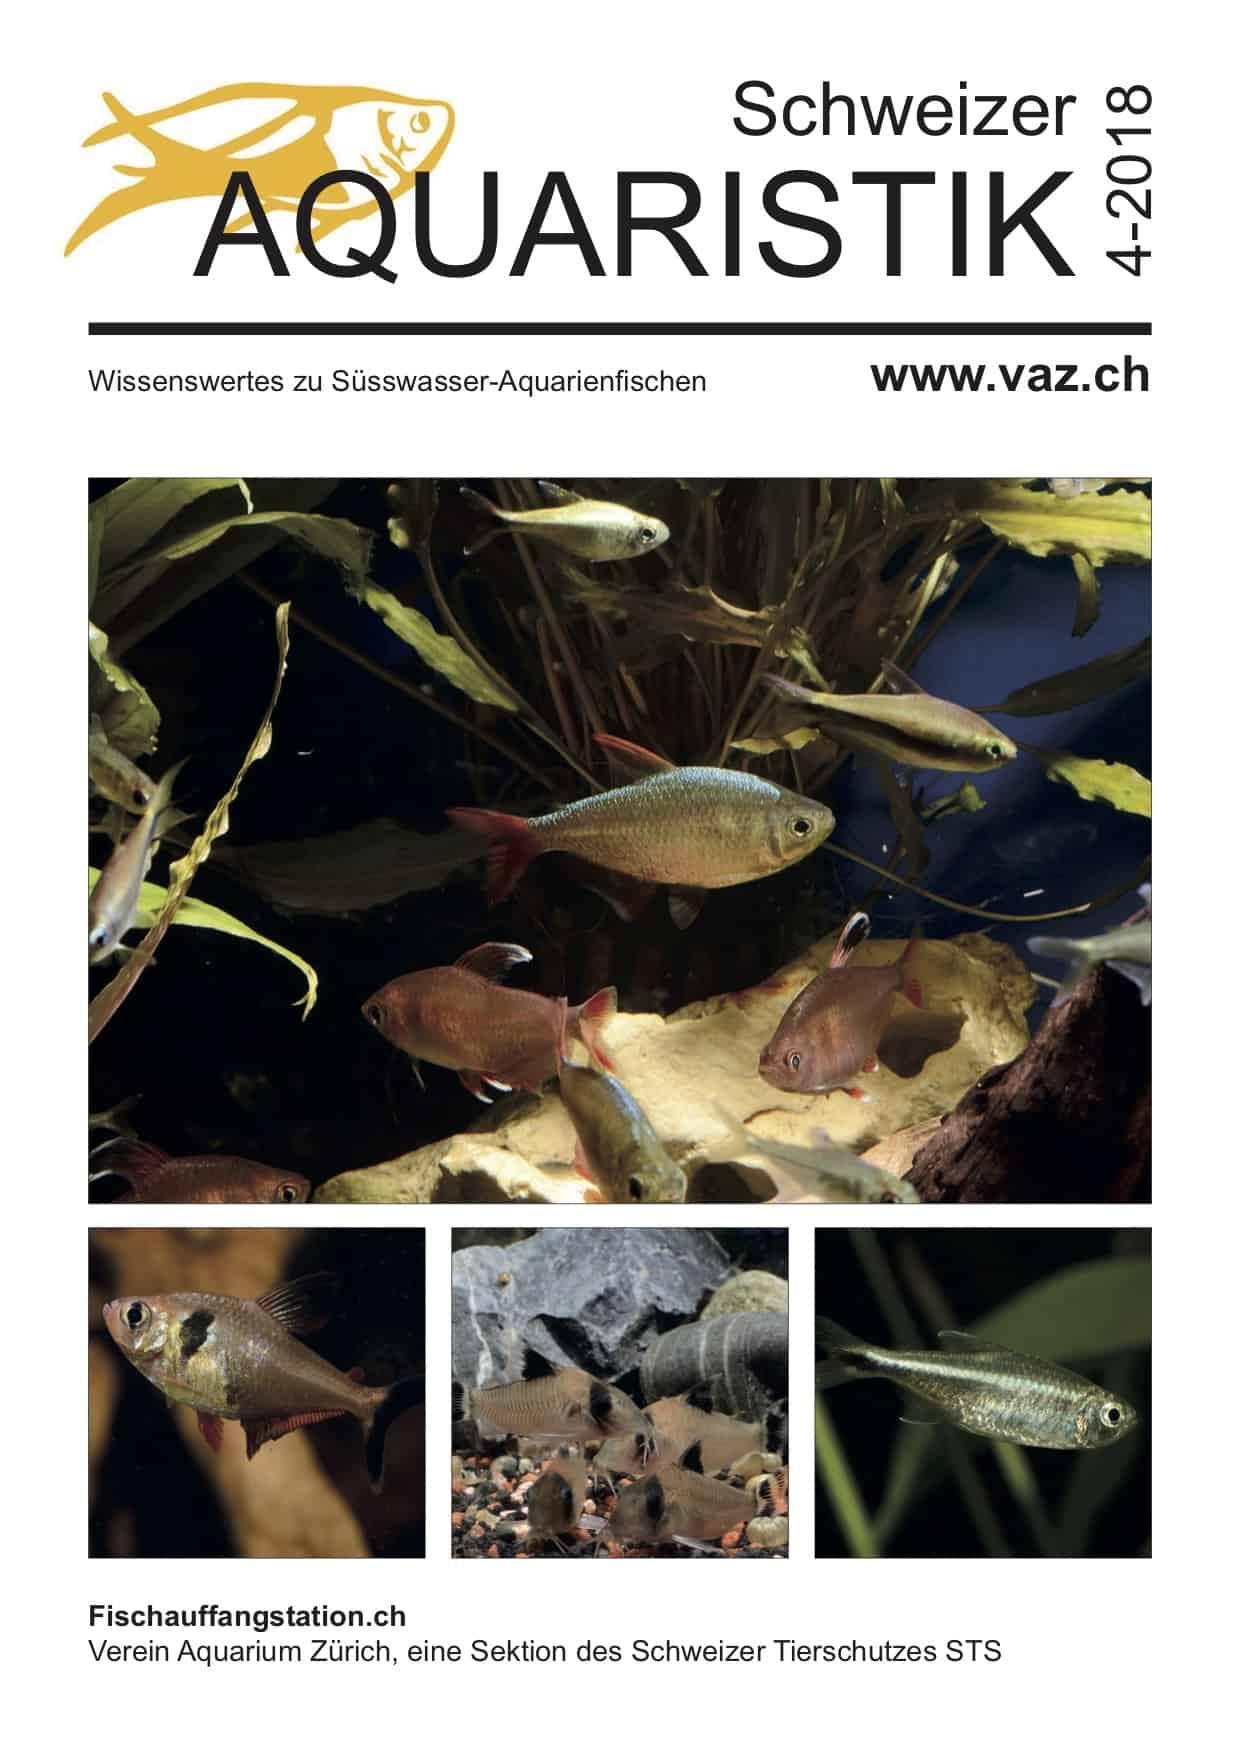 VAZ Ausgabe 4 / 2018 - kostenloses Magazin zum Download 1